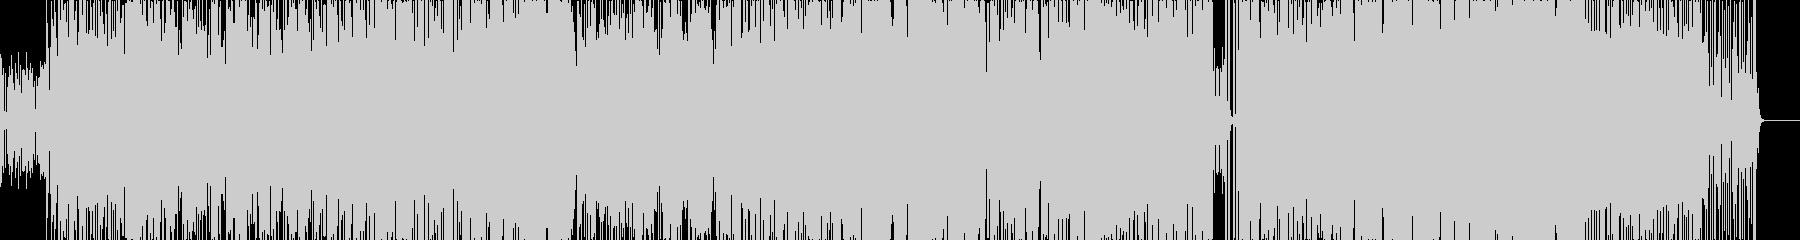 枇杷に捧ぐの未再生の波形